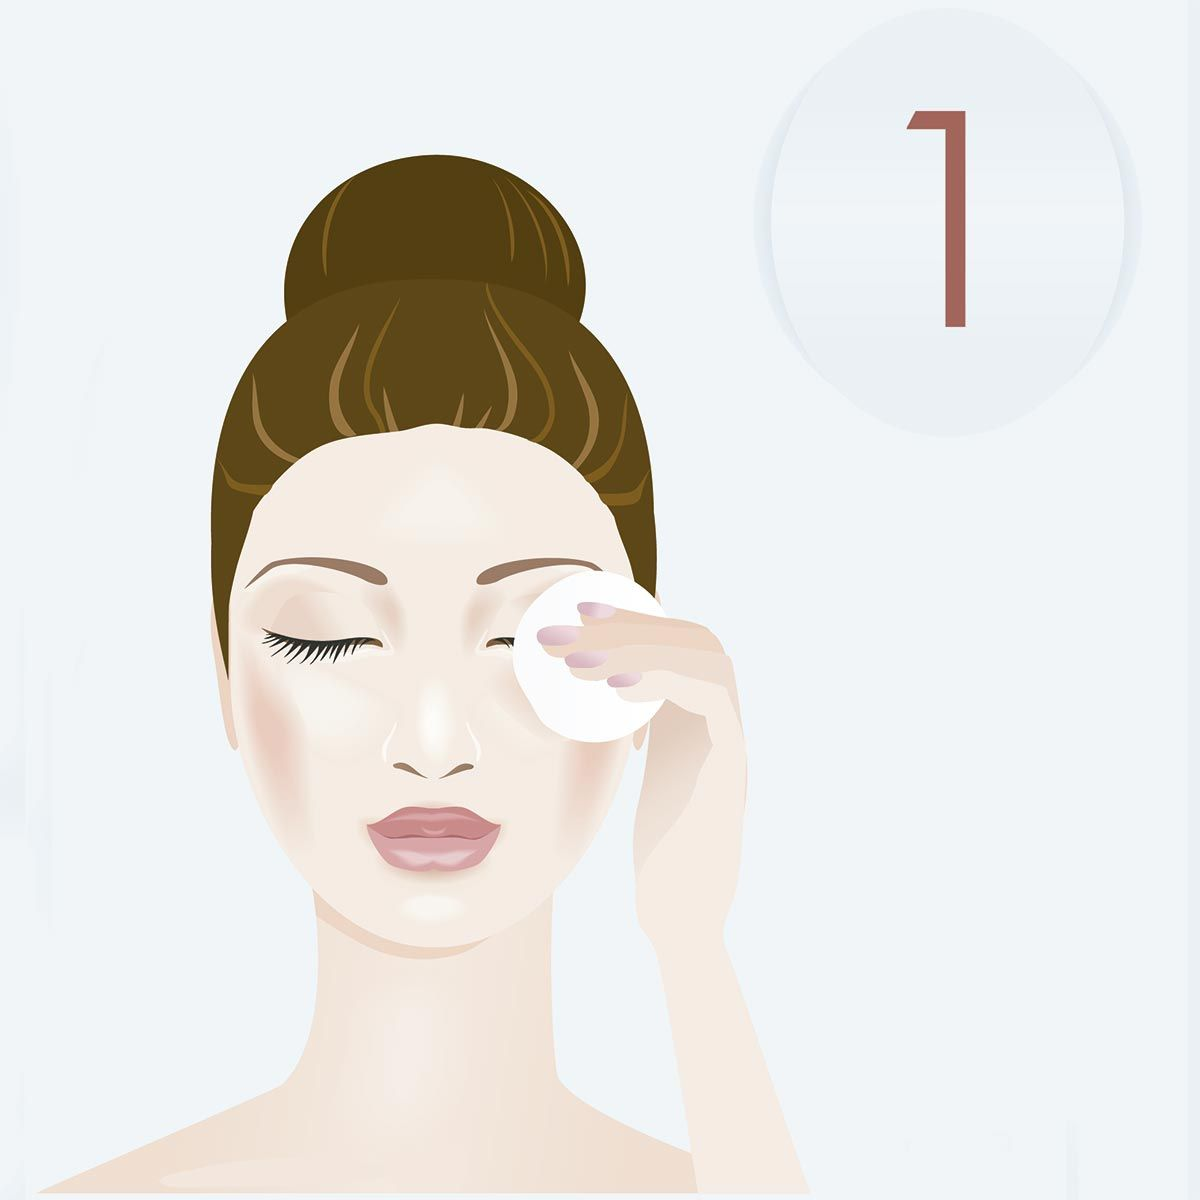 cuidado facial - paso 1